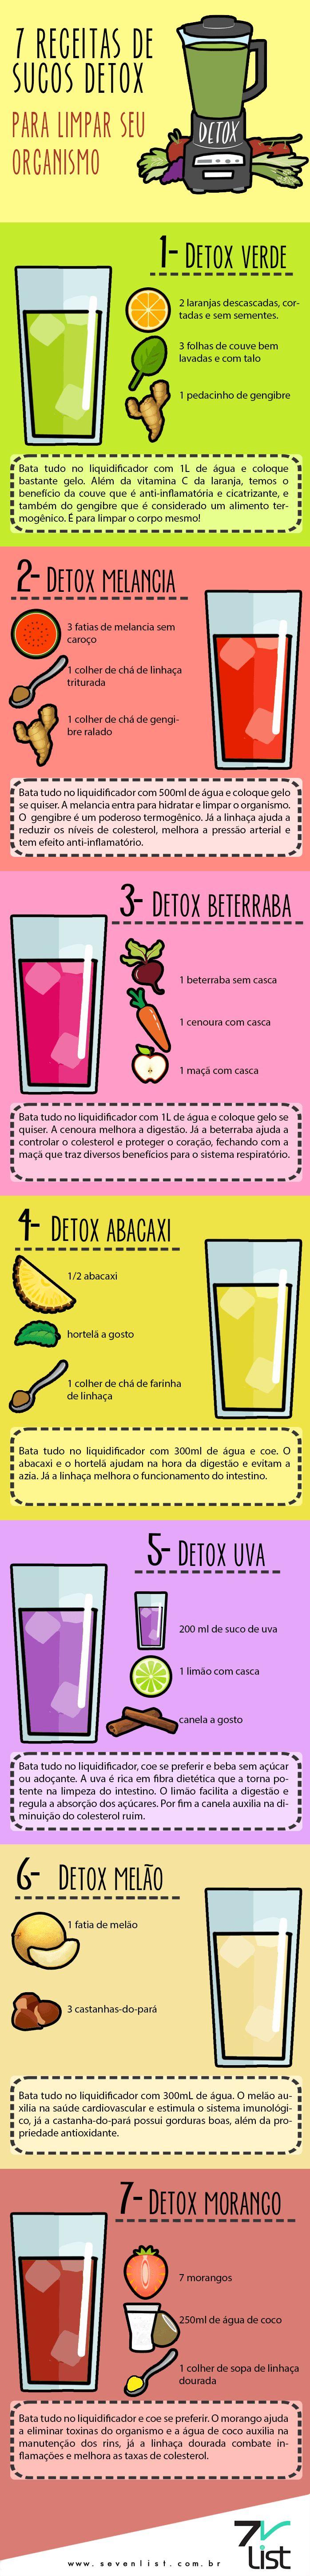 #infográfico #infographic #design #sucos #detox #sucosdetox #juice# #dieta #fitness #organismo #receitas #recipe #verde #melancia #beterra #abacaxi #uva #melão #morango #bebida #bemestar #viverbem #saúde www.sevenlist.com.br